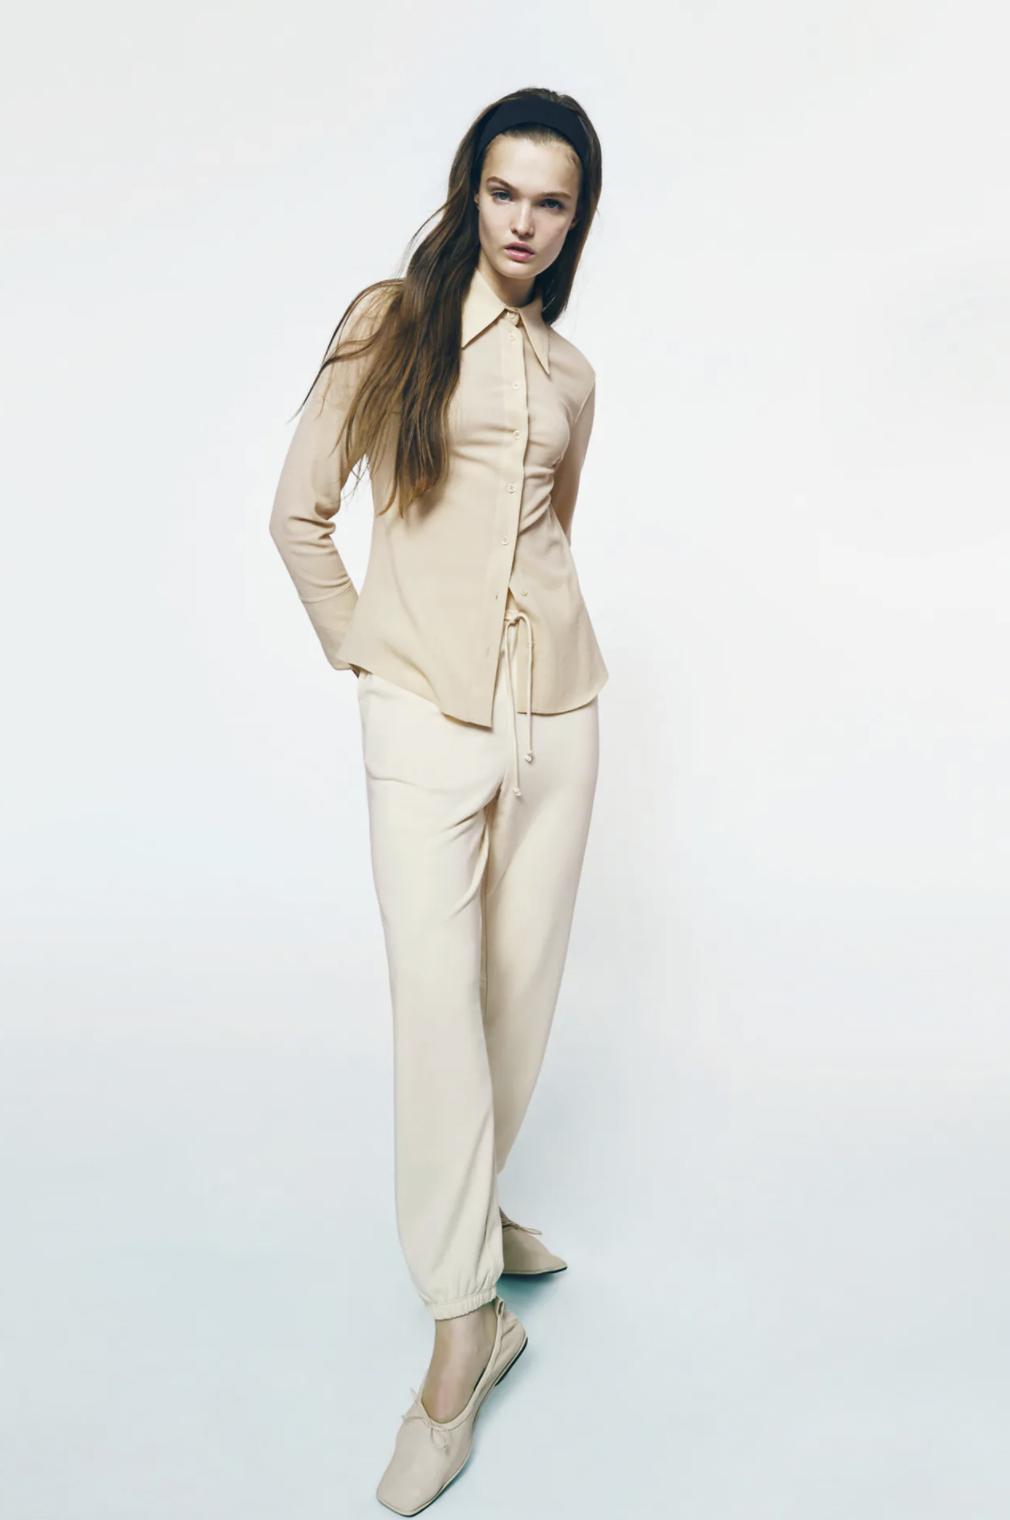 Zara apuesta por llevar el chándal de forma elegante